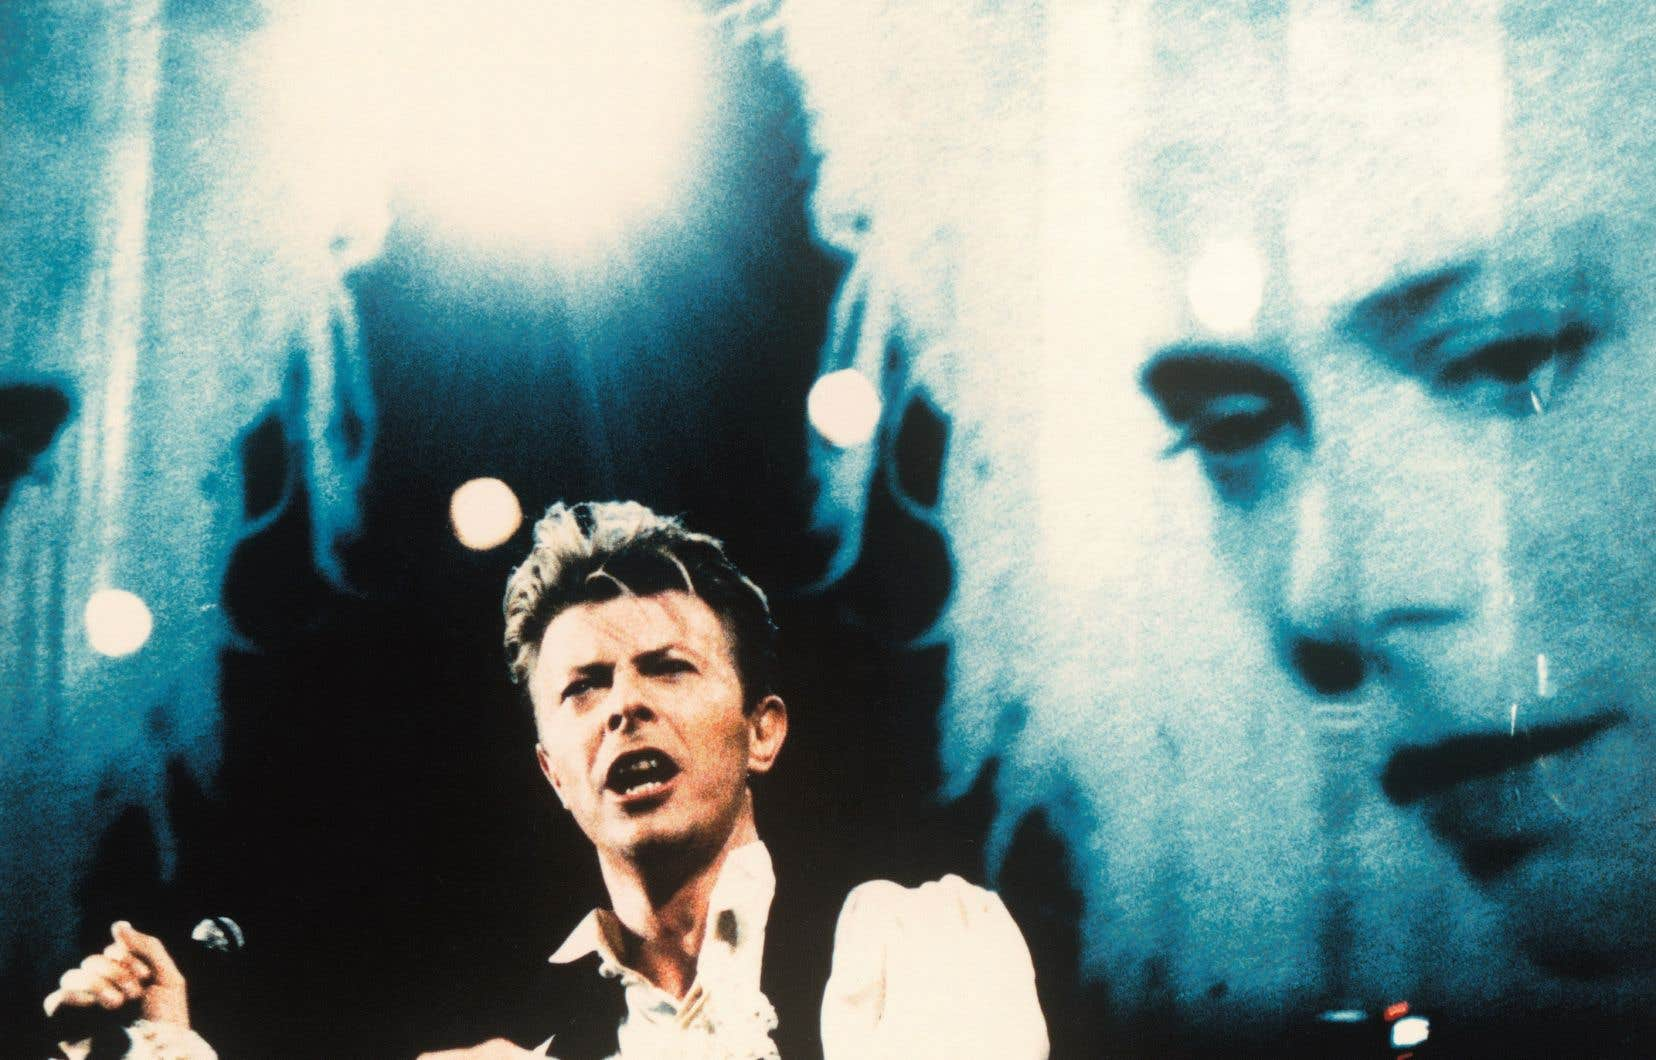 David Bowie et Louise Lecavalier avaient entre autres collaboré lors du Sound+Vision Tour, en 1990.